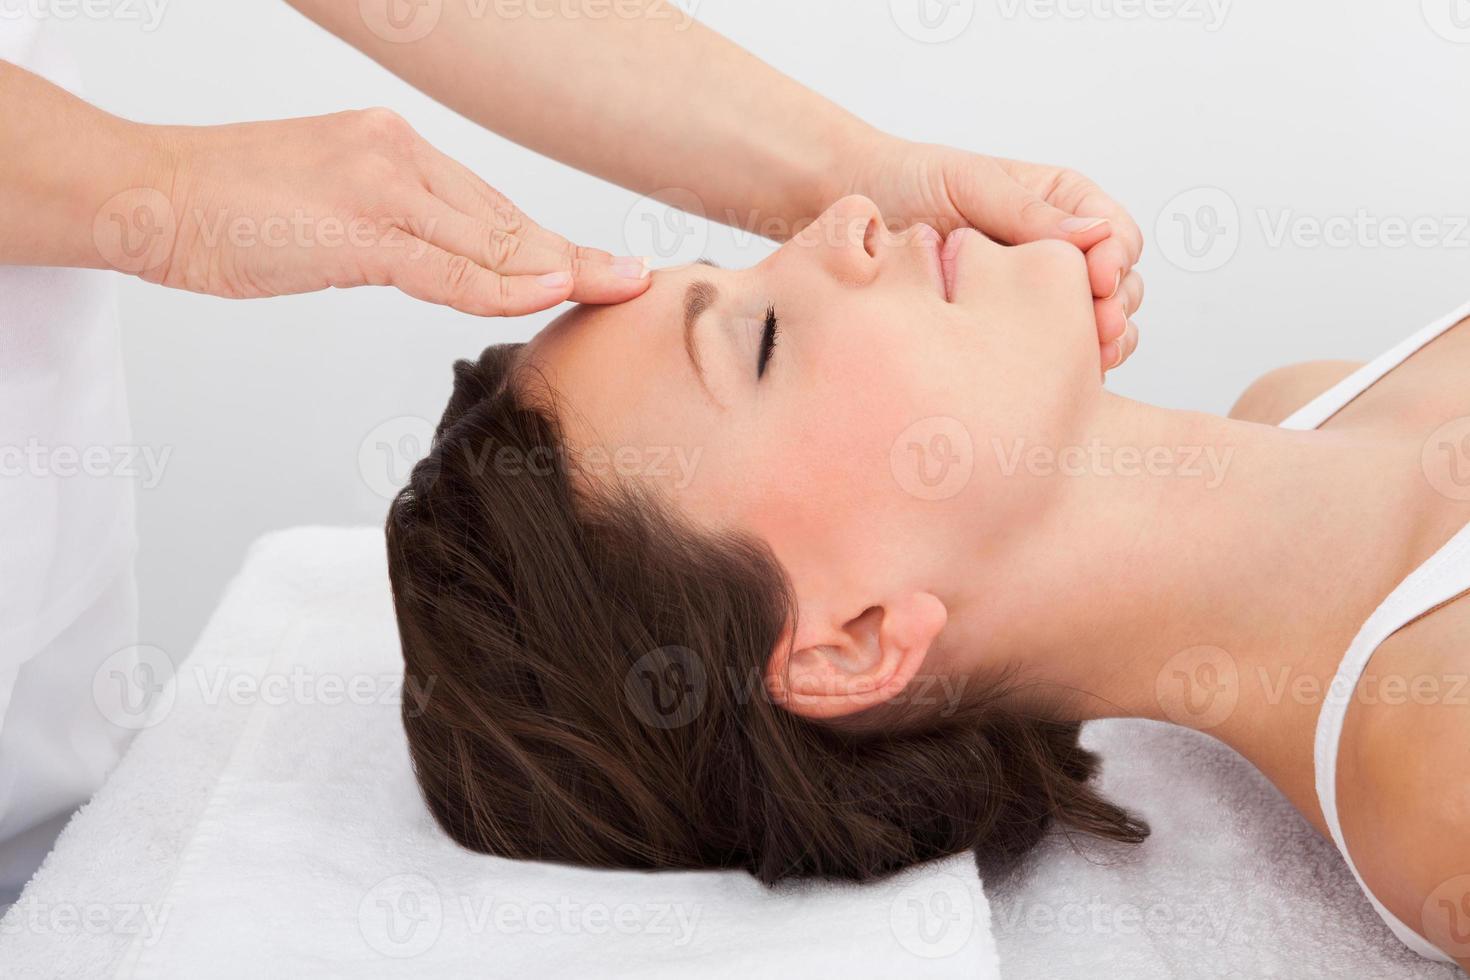 mulher recebendo uma massagem enquanto está deitado foto